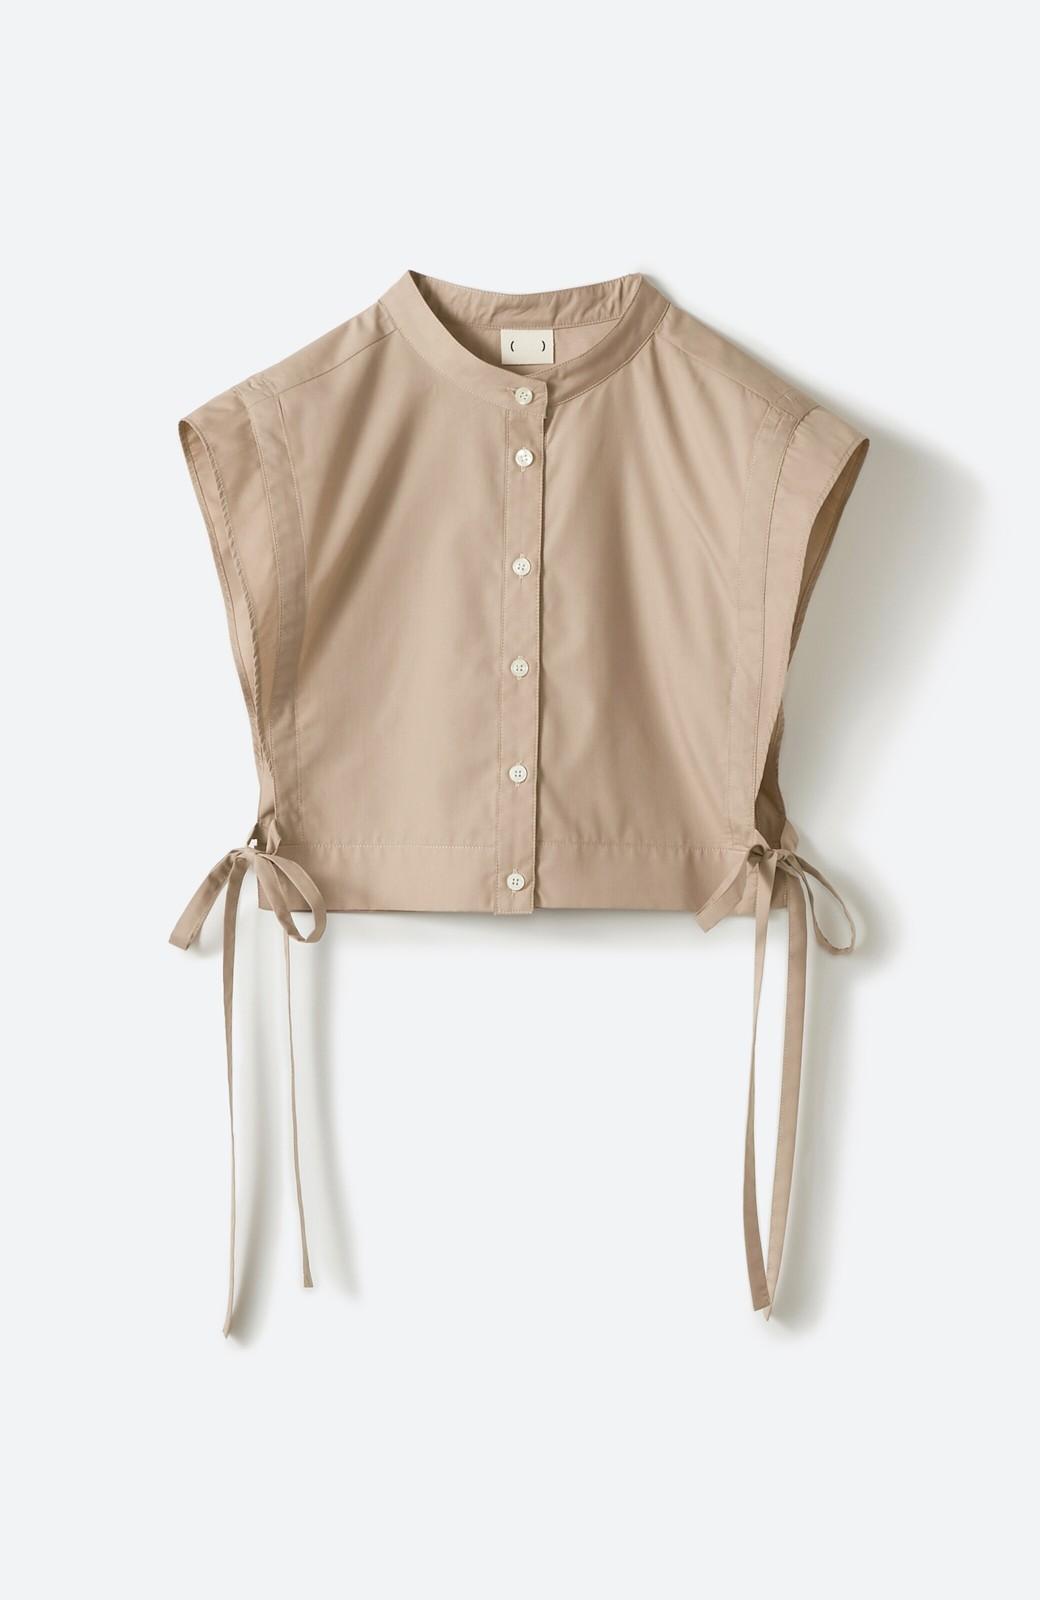 haco! いろいろ着まわせて簡単に今っぽコーデが完成!さらりとシャツ素材が心地いいベストとワンピースのセット <ベージュ>の商品写真7